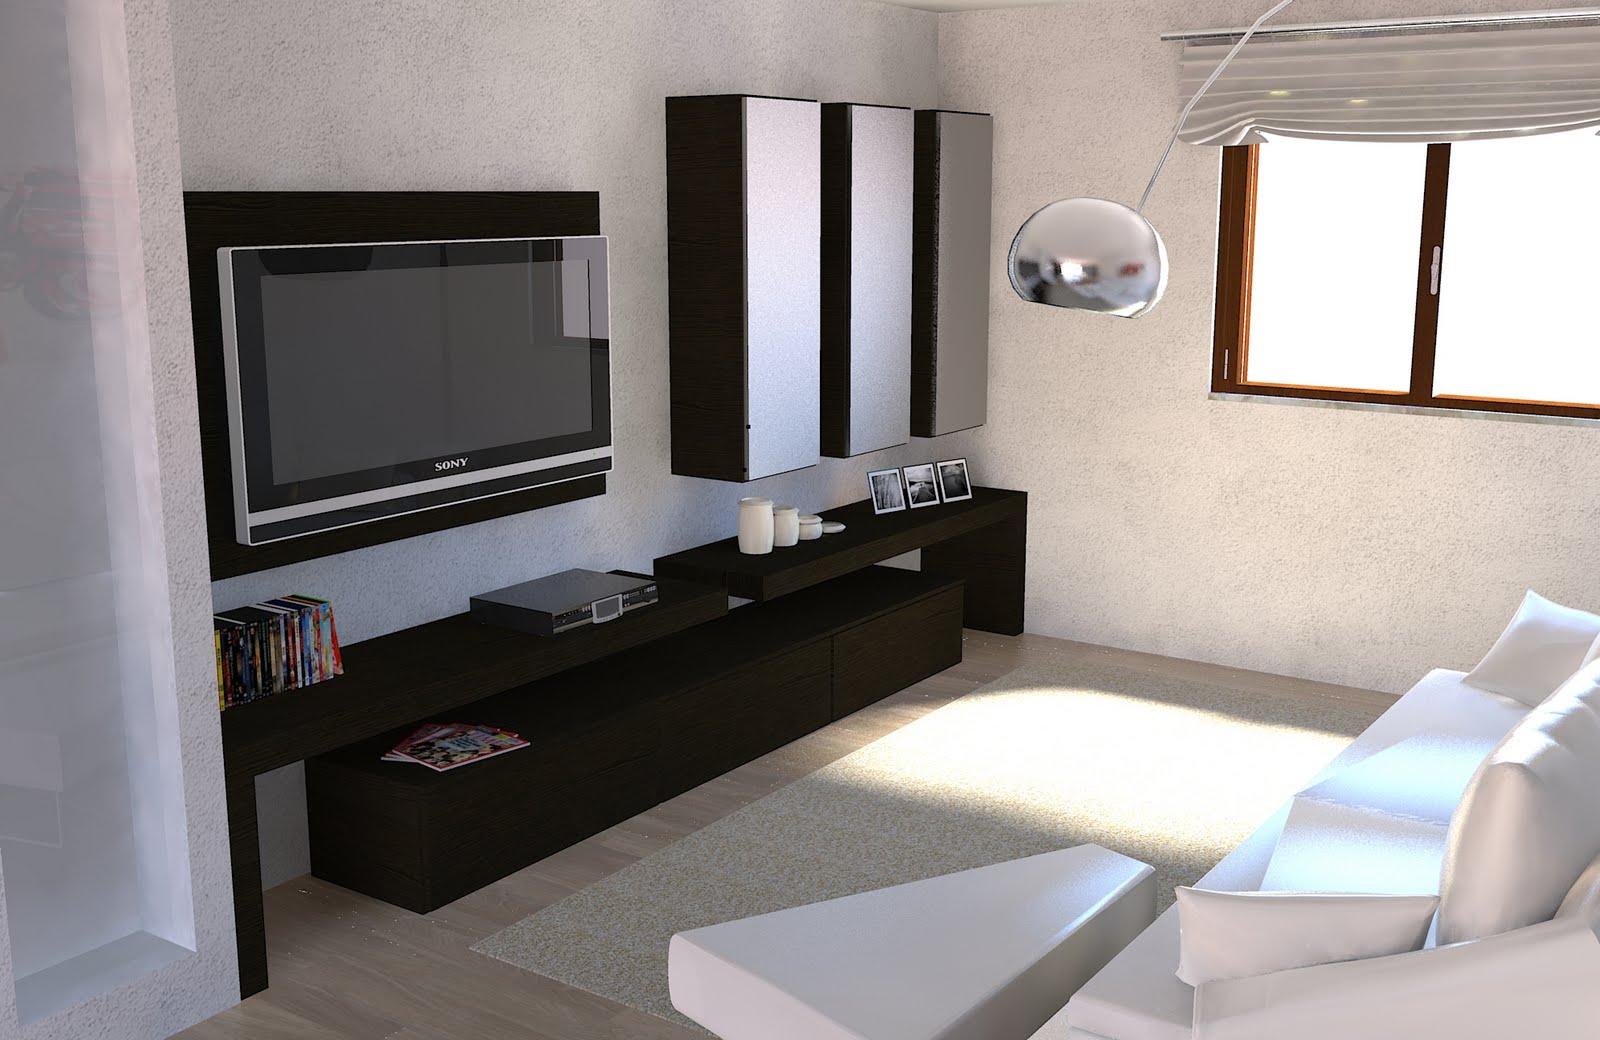 Cosa Mettere Dietro Al Divano : Parete soggiorno dietro divano big announcement our sofa